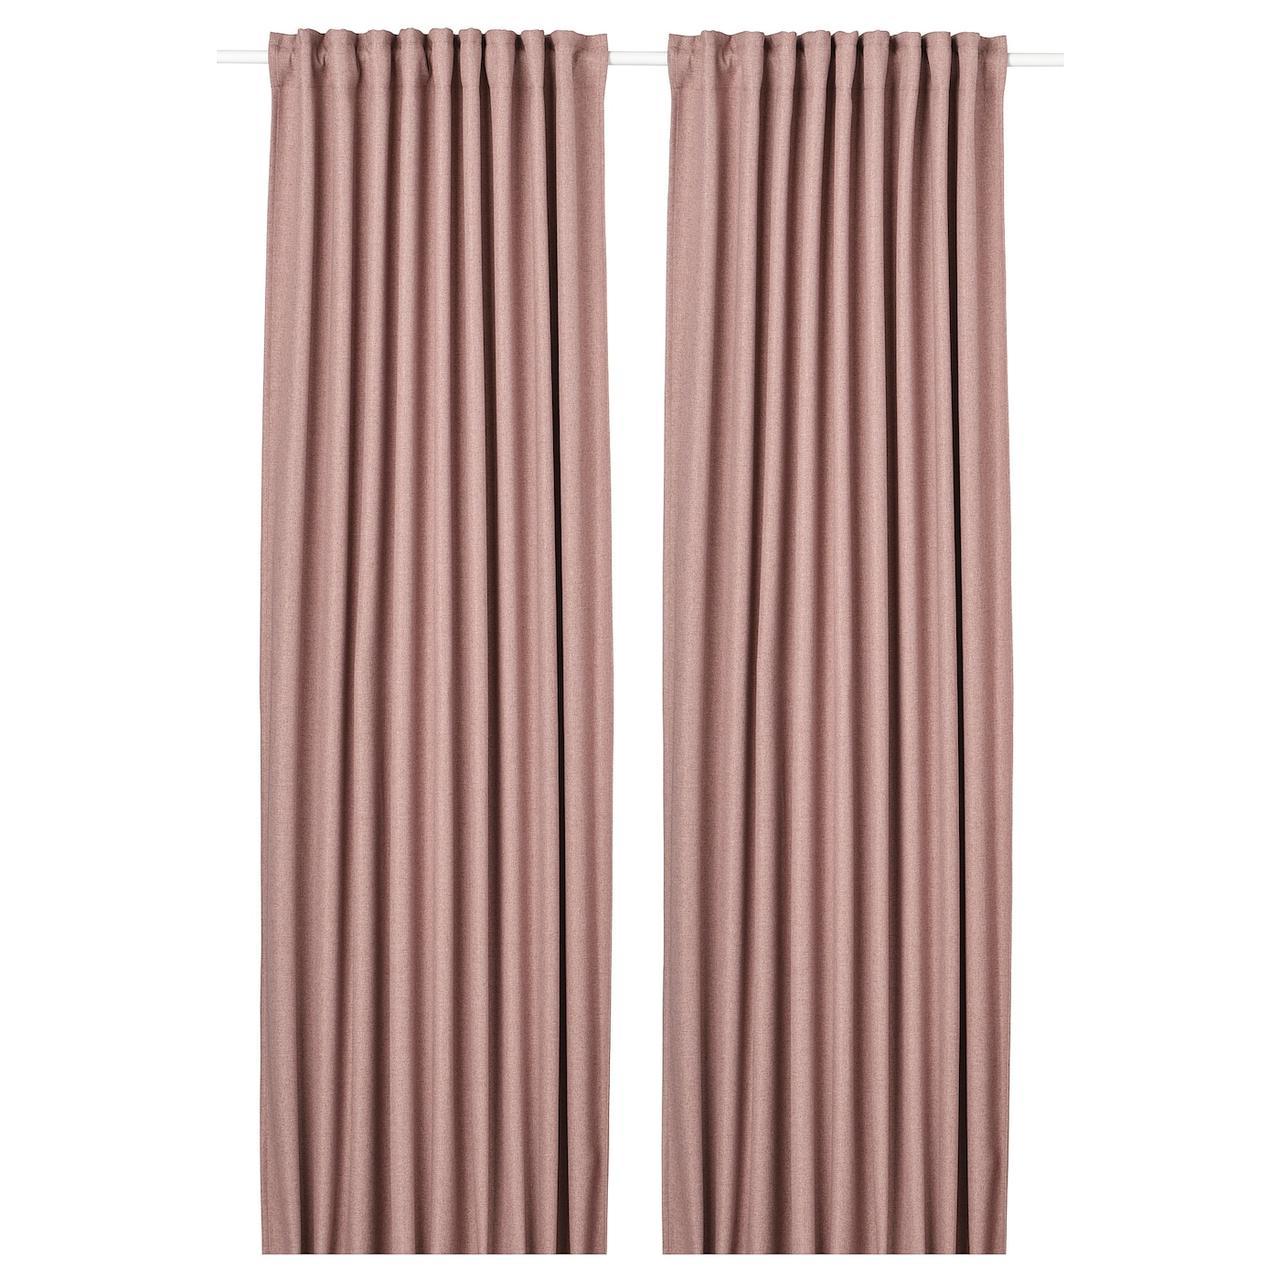 IKEA ANNAKAJSA Шторы, затеняющие, 1 пара, розовый, 145x300 см